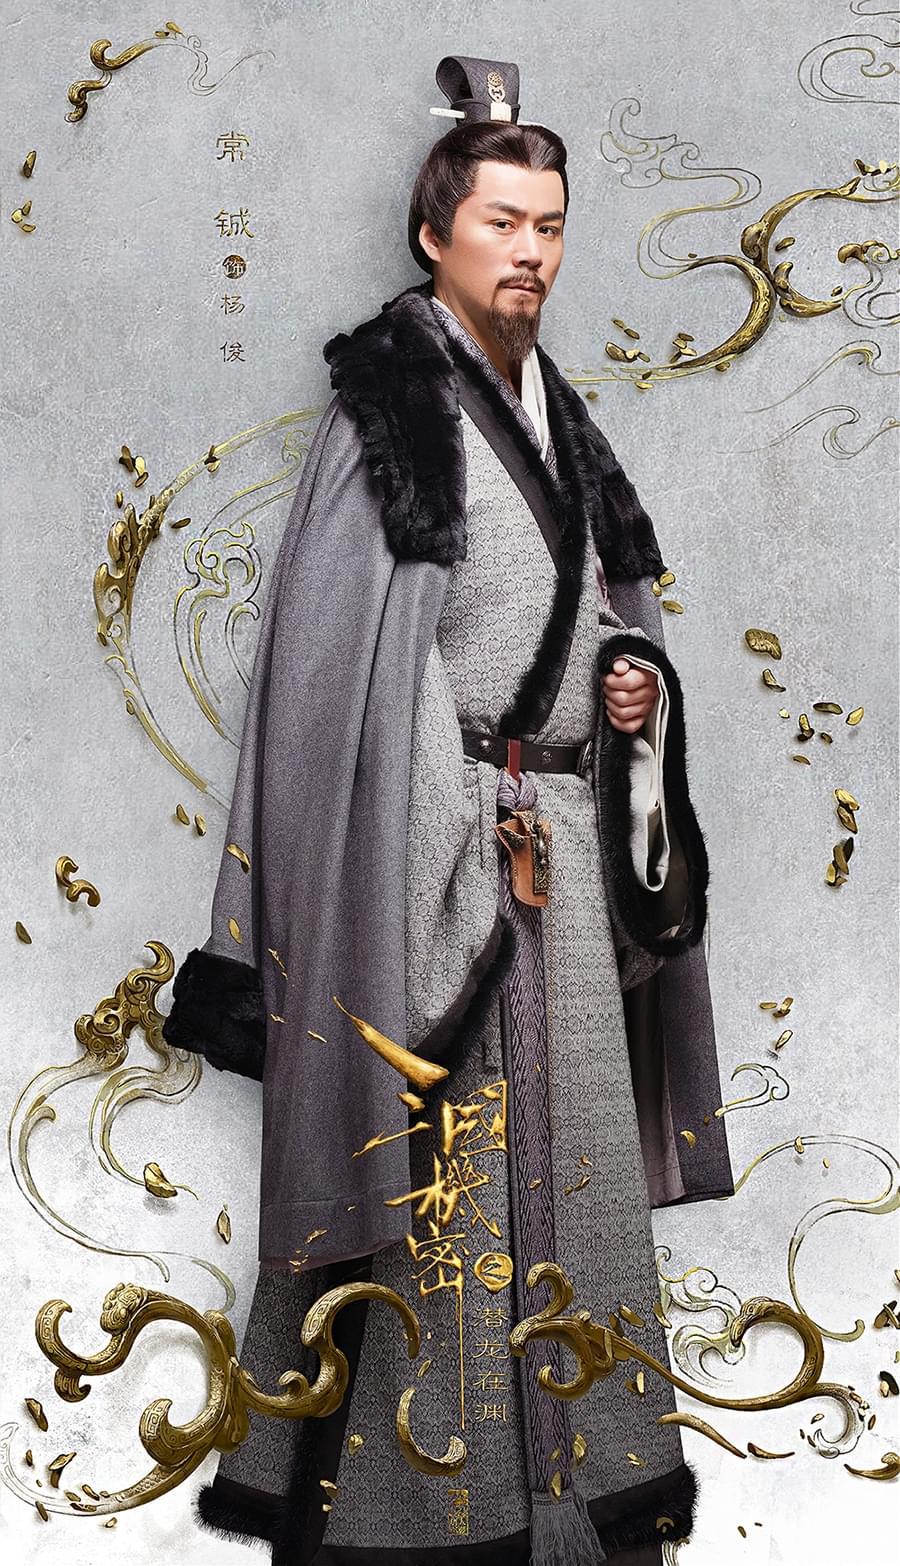 常铖《三国机密》首曝海报 化身智谋贤臣杨俊上线